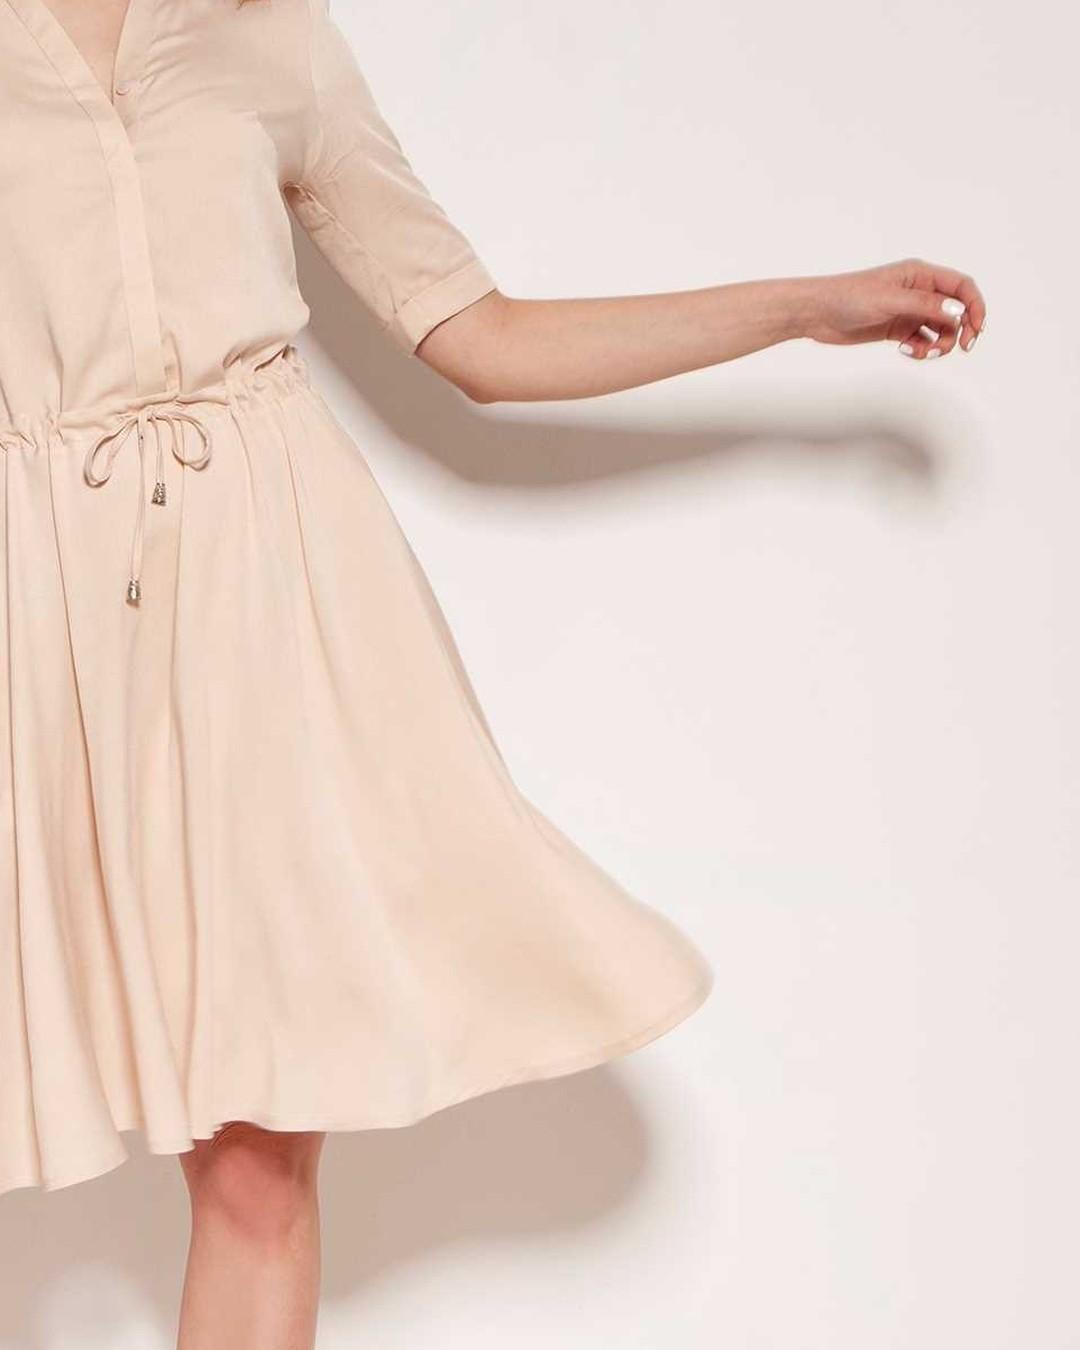 Lekko. #sukienka #lekkasukienka #wiskoza #sukienkanalato #polishgirl #madeinpoland #dress #kobieta #fashion #moda #polskadziewczyna #stylizacja #model #shoponline #shop #style #ubrania #poland #sukienki #polska #butikonline #butik #dzienwparku #zakupy #ootd #bestseller #summerdress #girl #quality #zakupyonline 2101